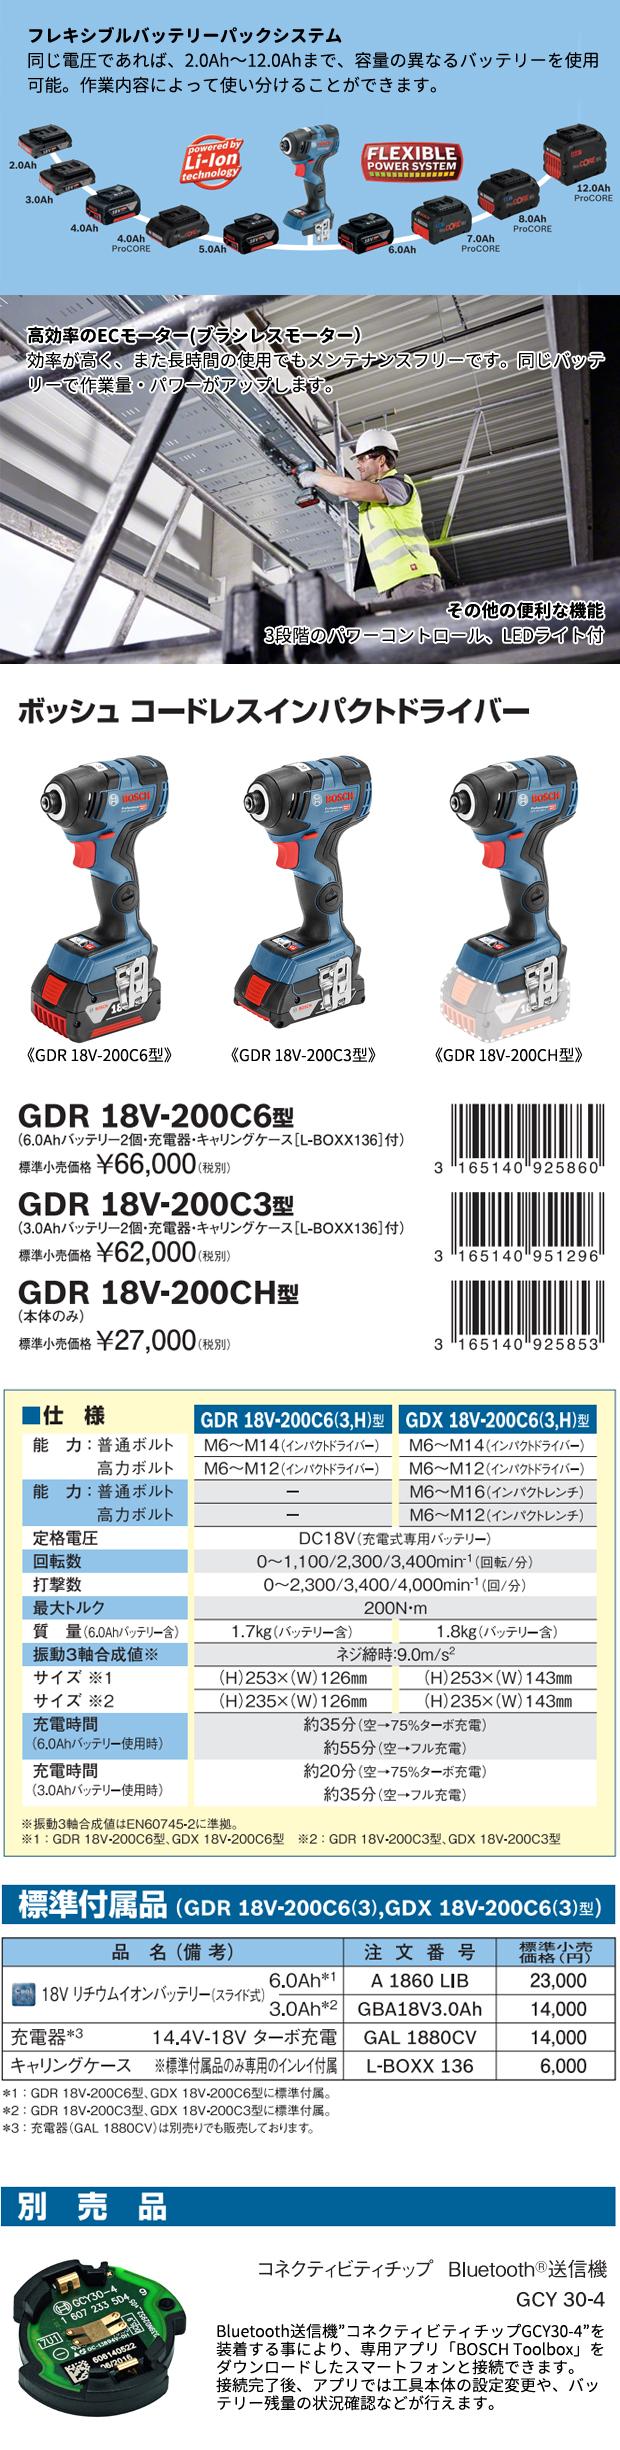 BOSCH コードレスインパクトドライバー GDR18V-200C